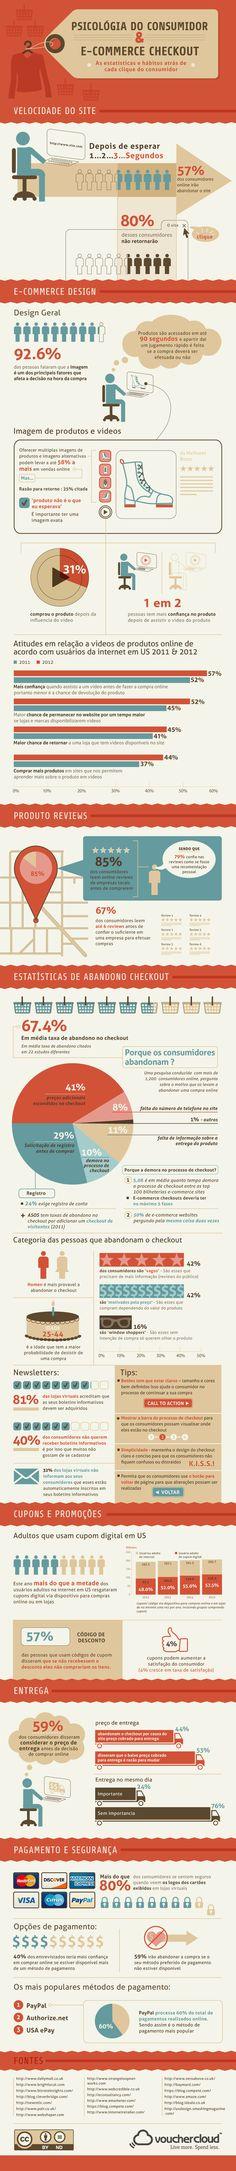 Infográfico sobre o hábito dos consumidores de e-commerce e sua permanência nestes sites #ecommerce #marketingdigital